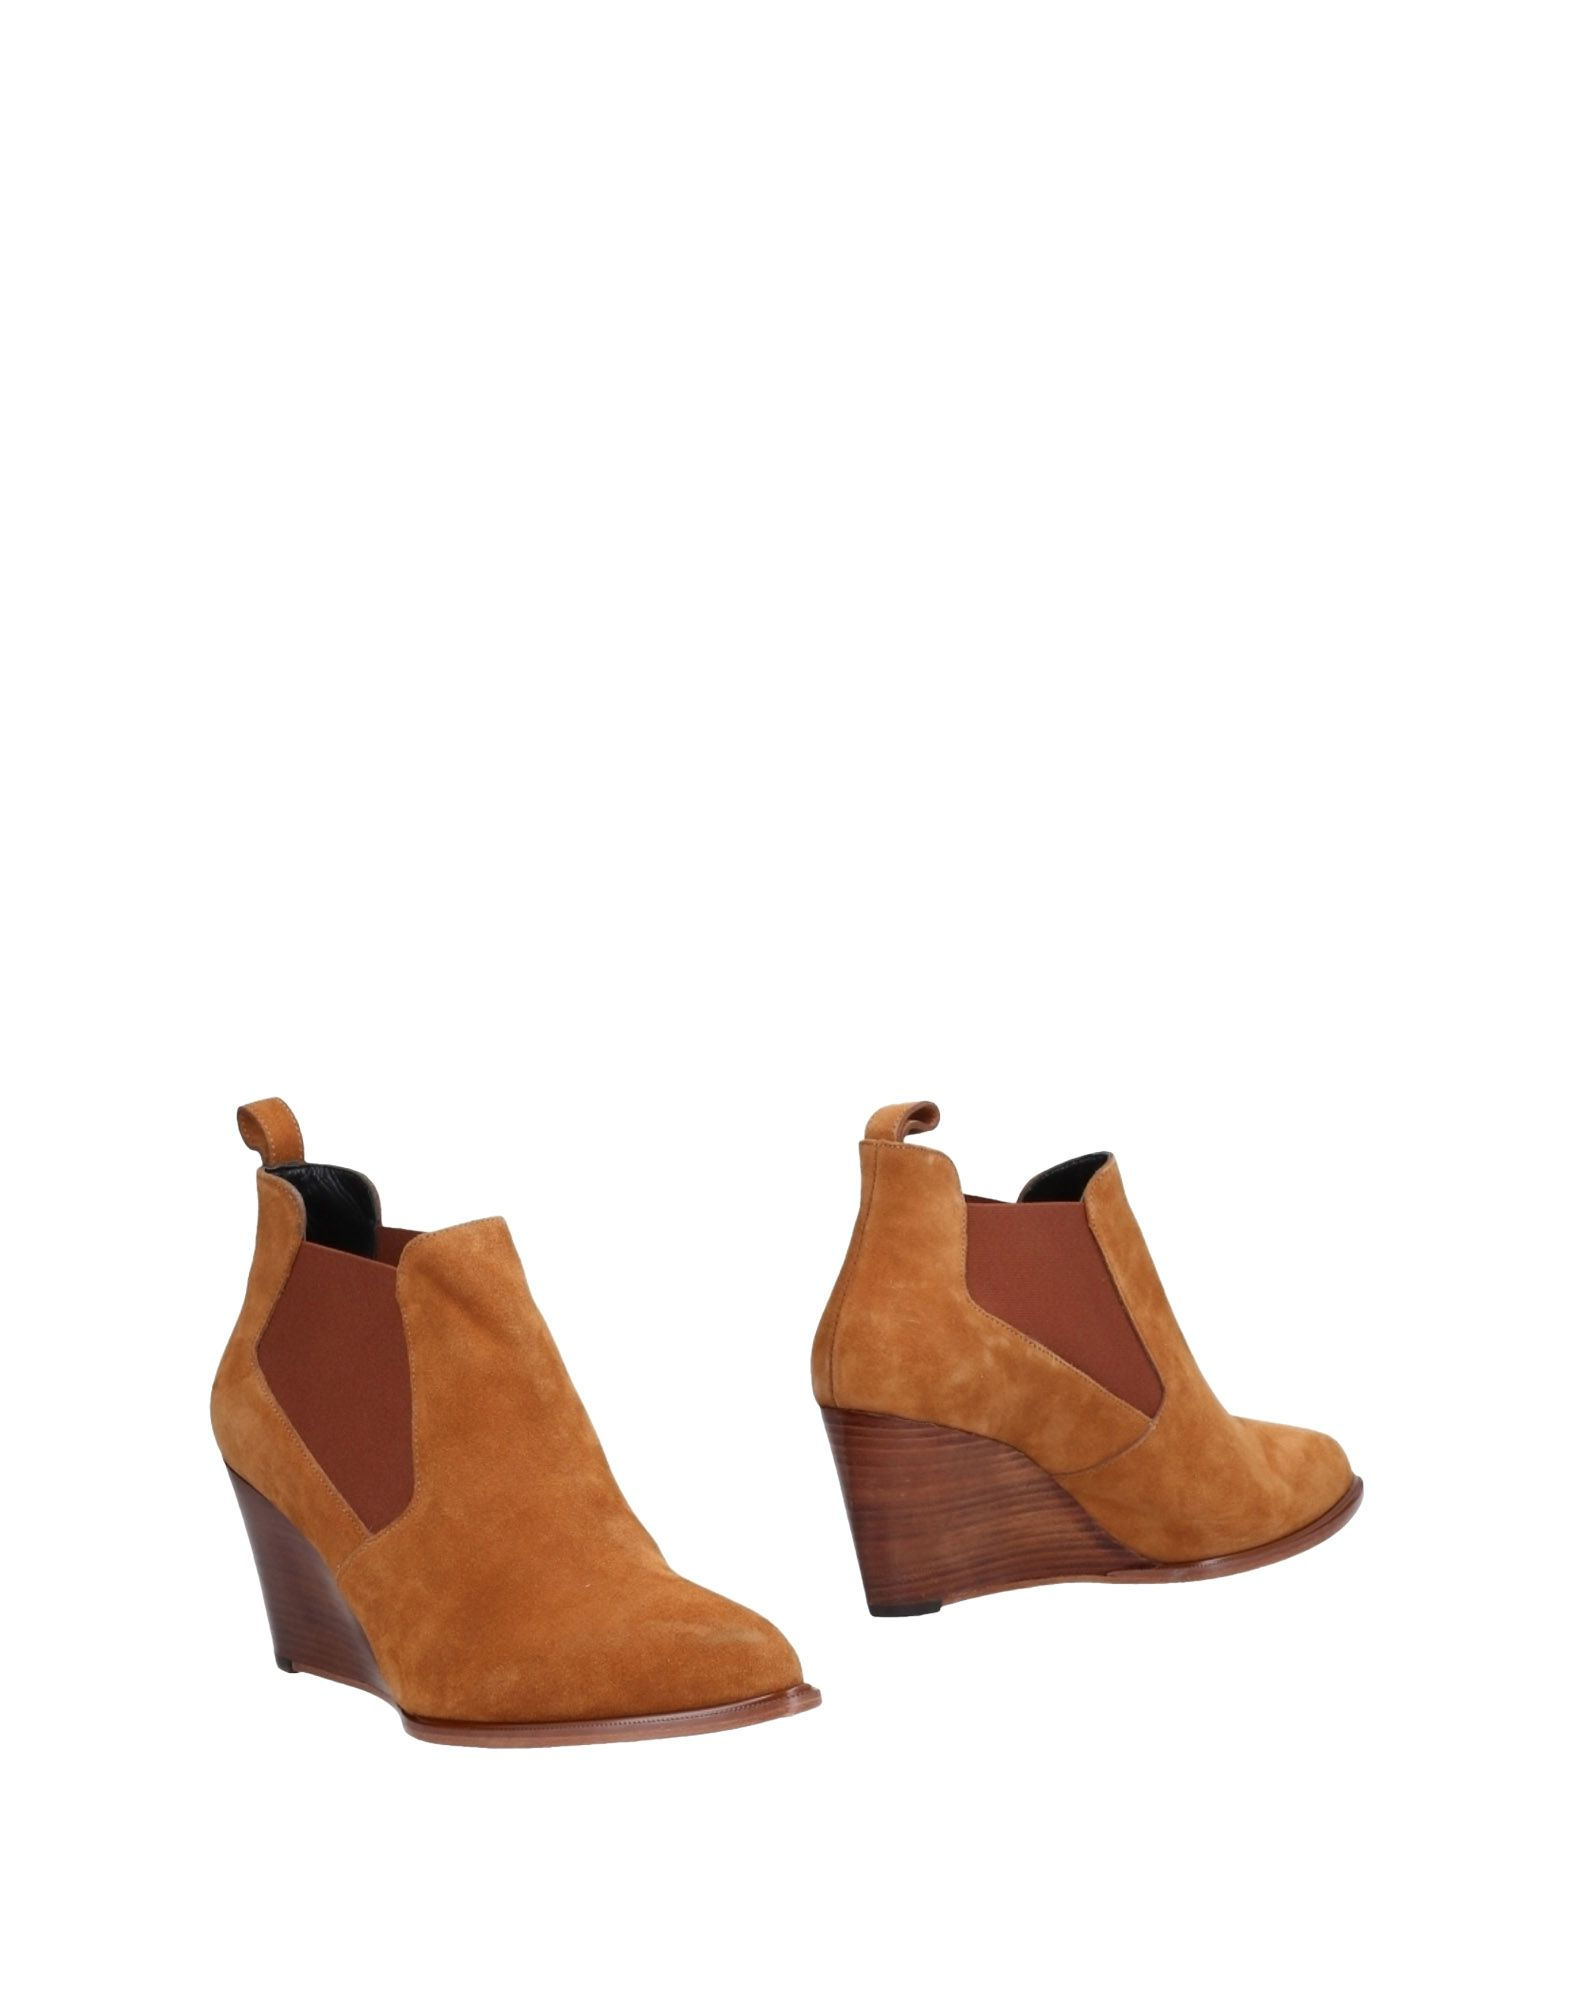 Mocassino Espadrilles Uomo - 11150501HV Scarpe economiche e buone